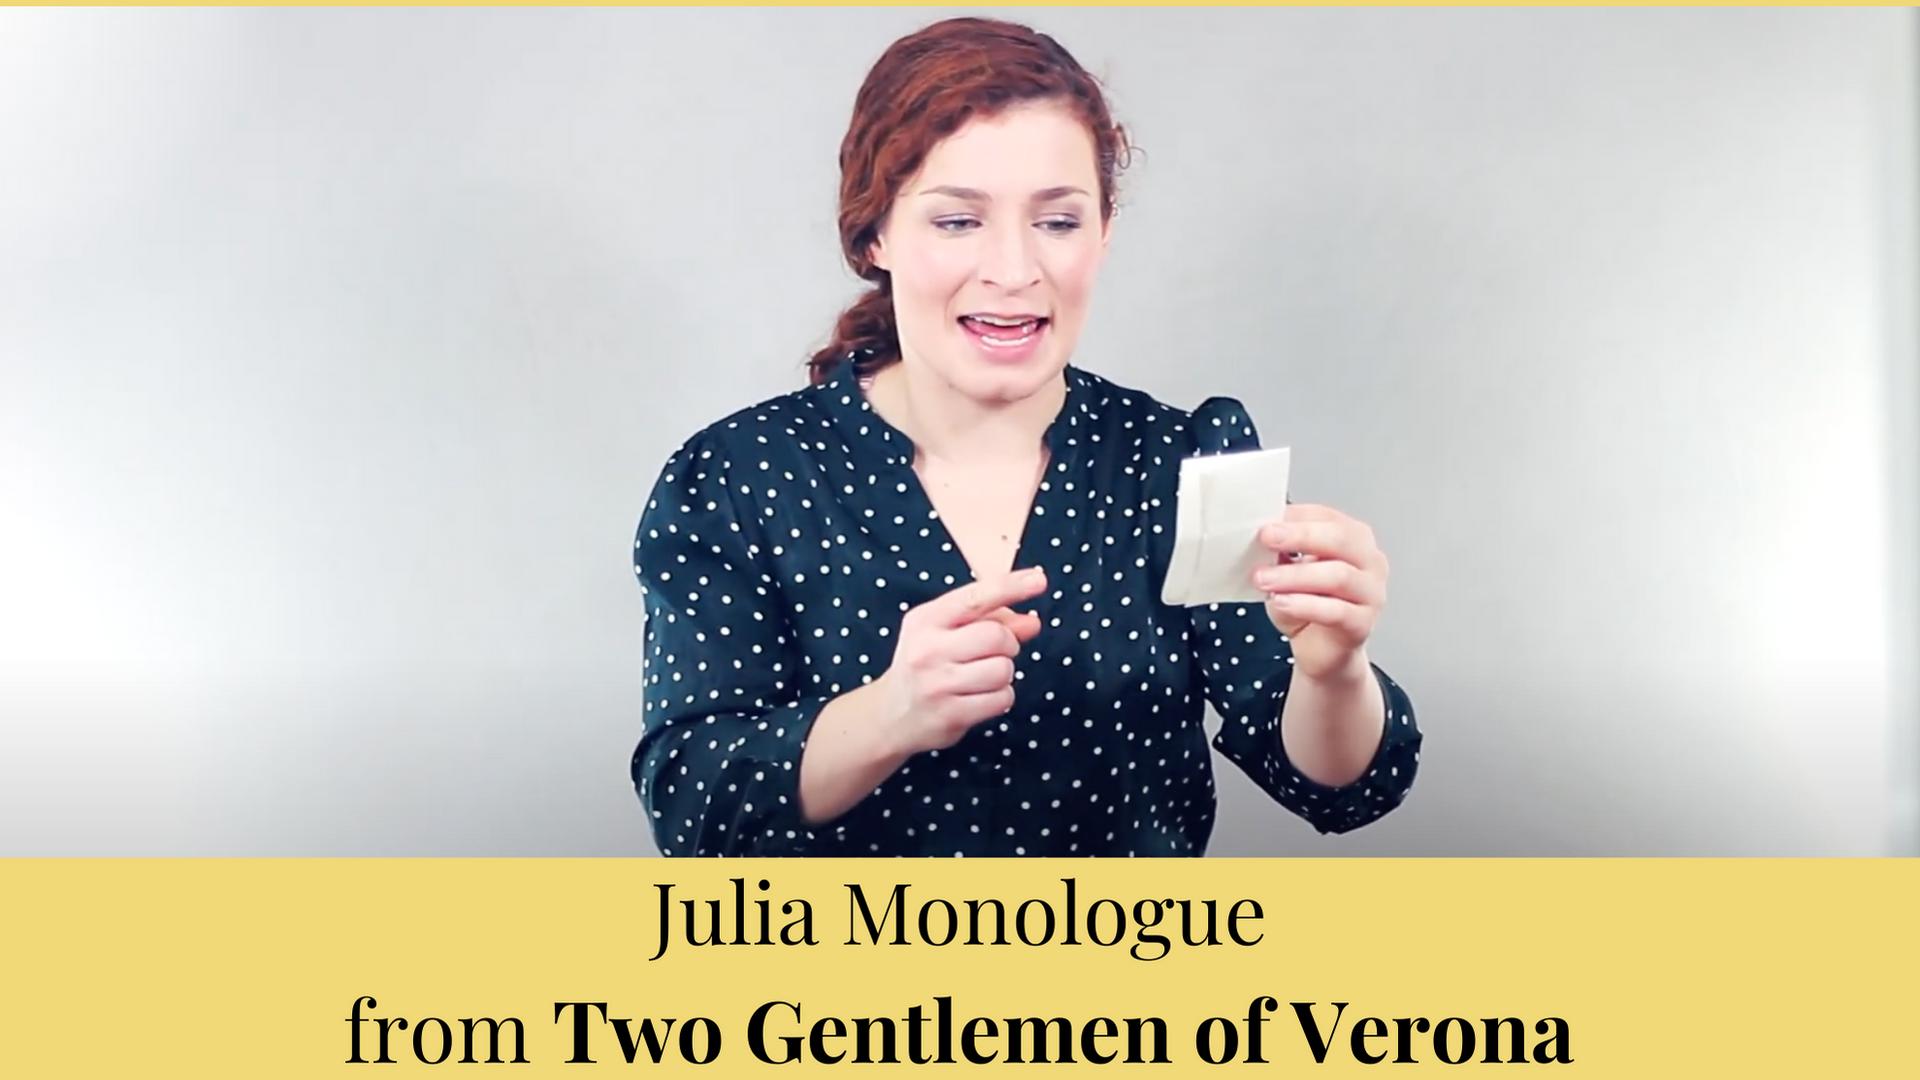 Julia Monologue from Two Gentlemen of Verona